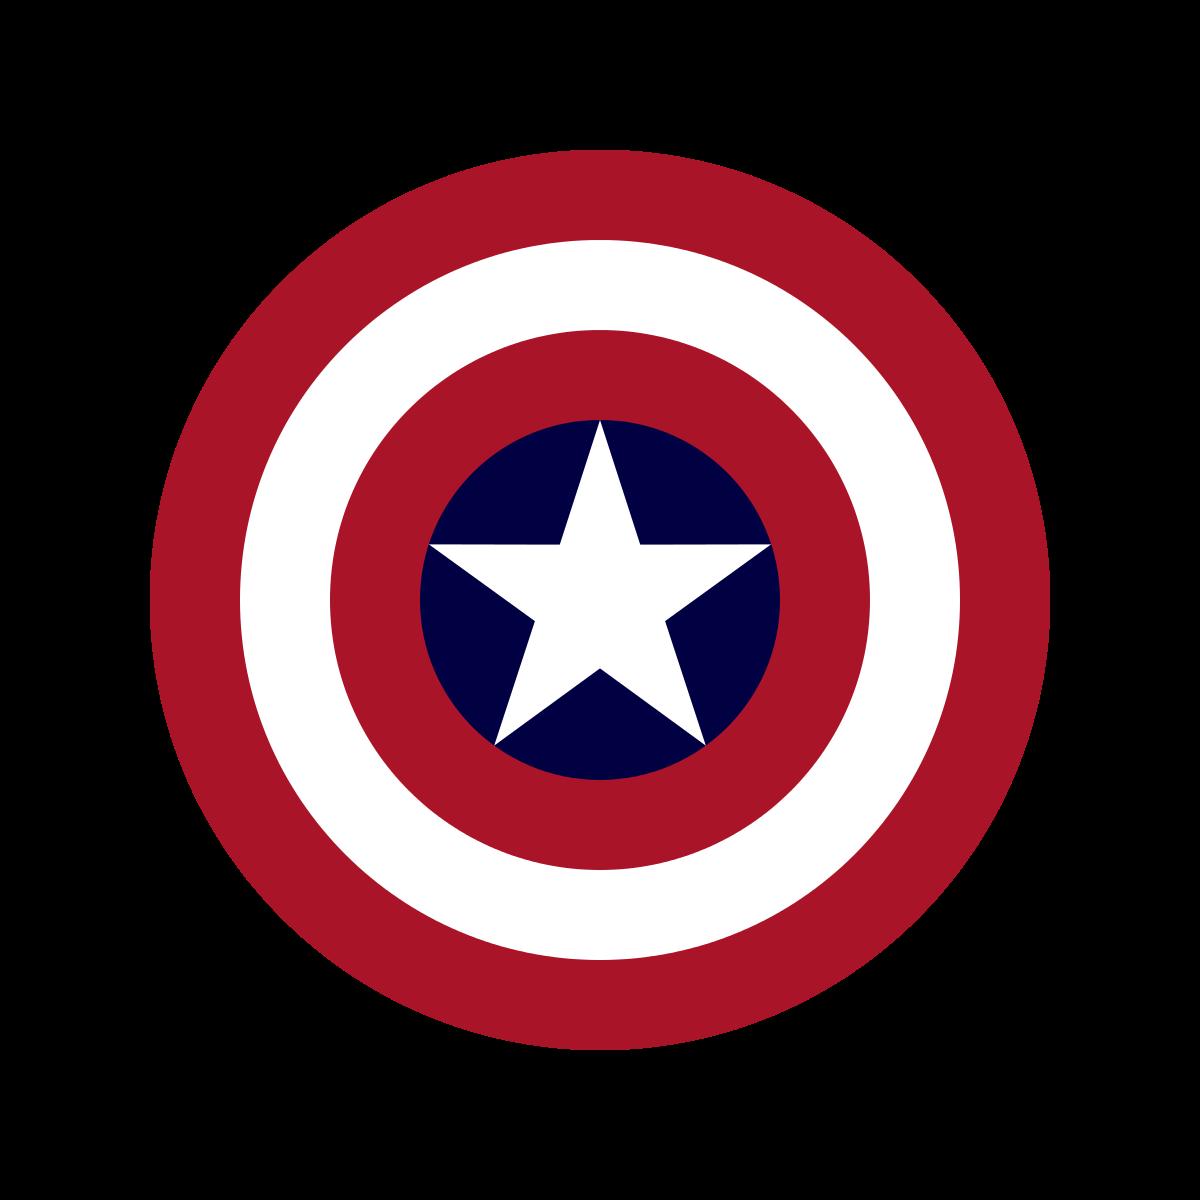 Captain America's shield - Wikipedia   Captain america ...